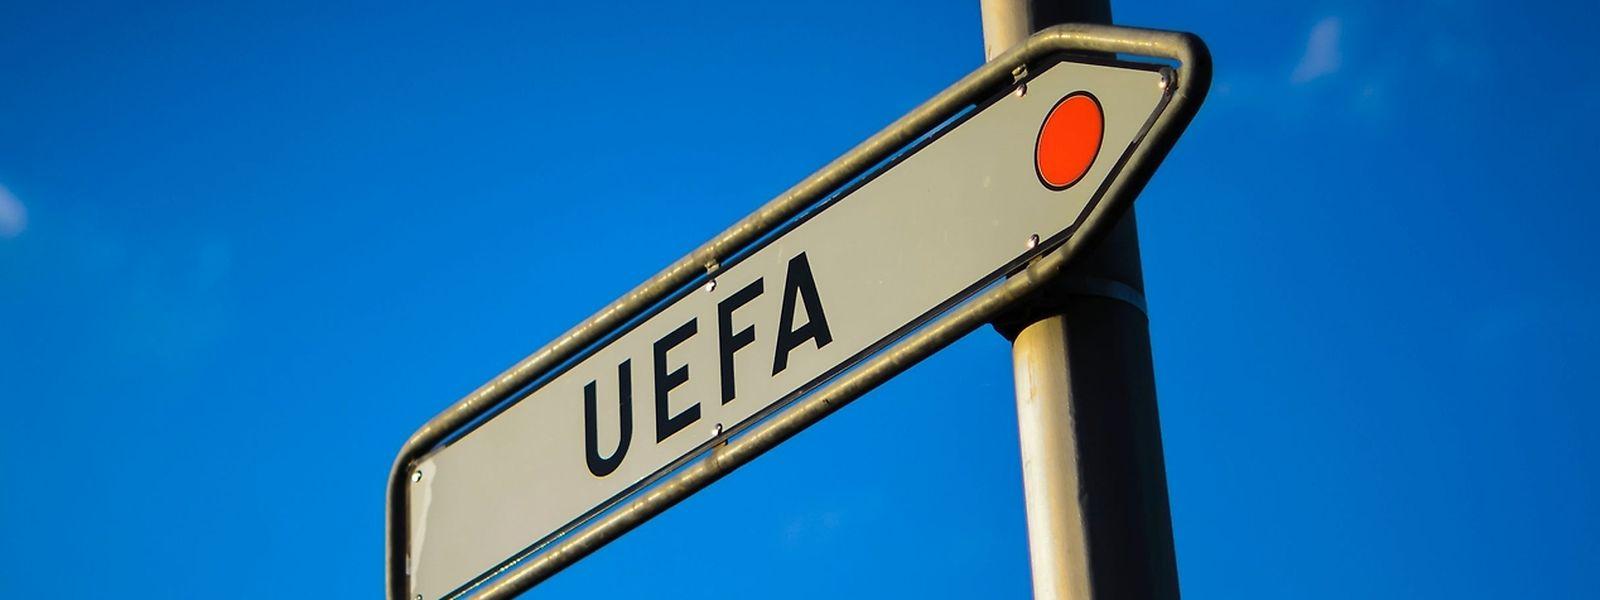 Die UEFA hat ihren Sitz im schweizerischen Nyon.